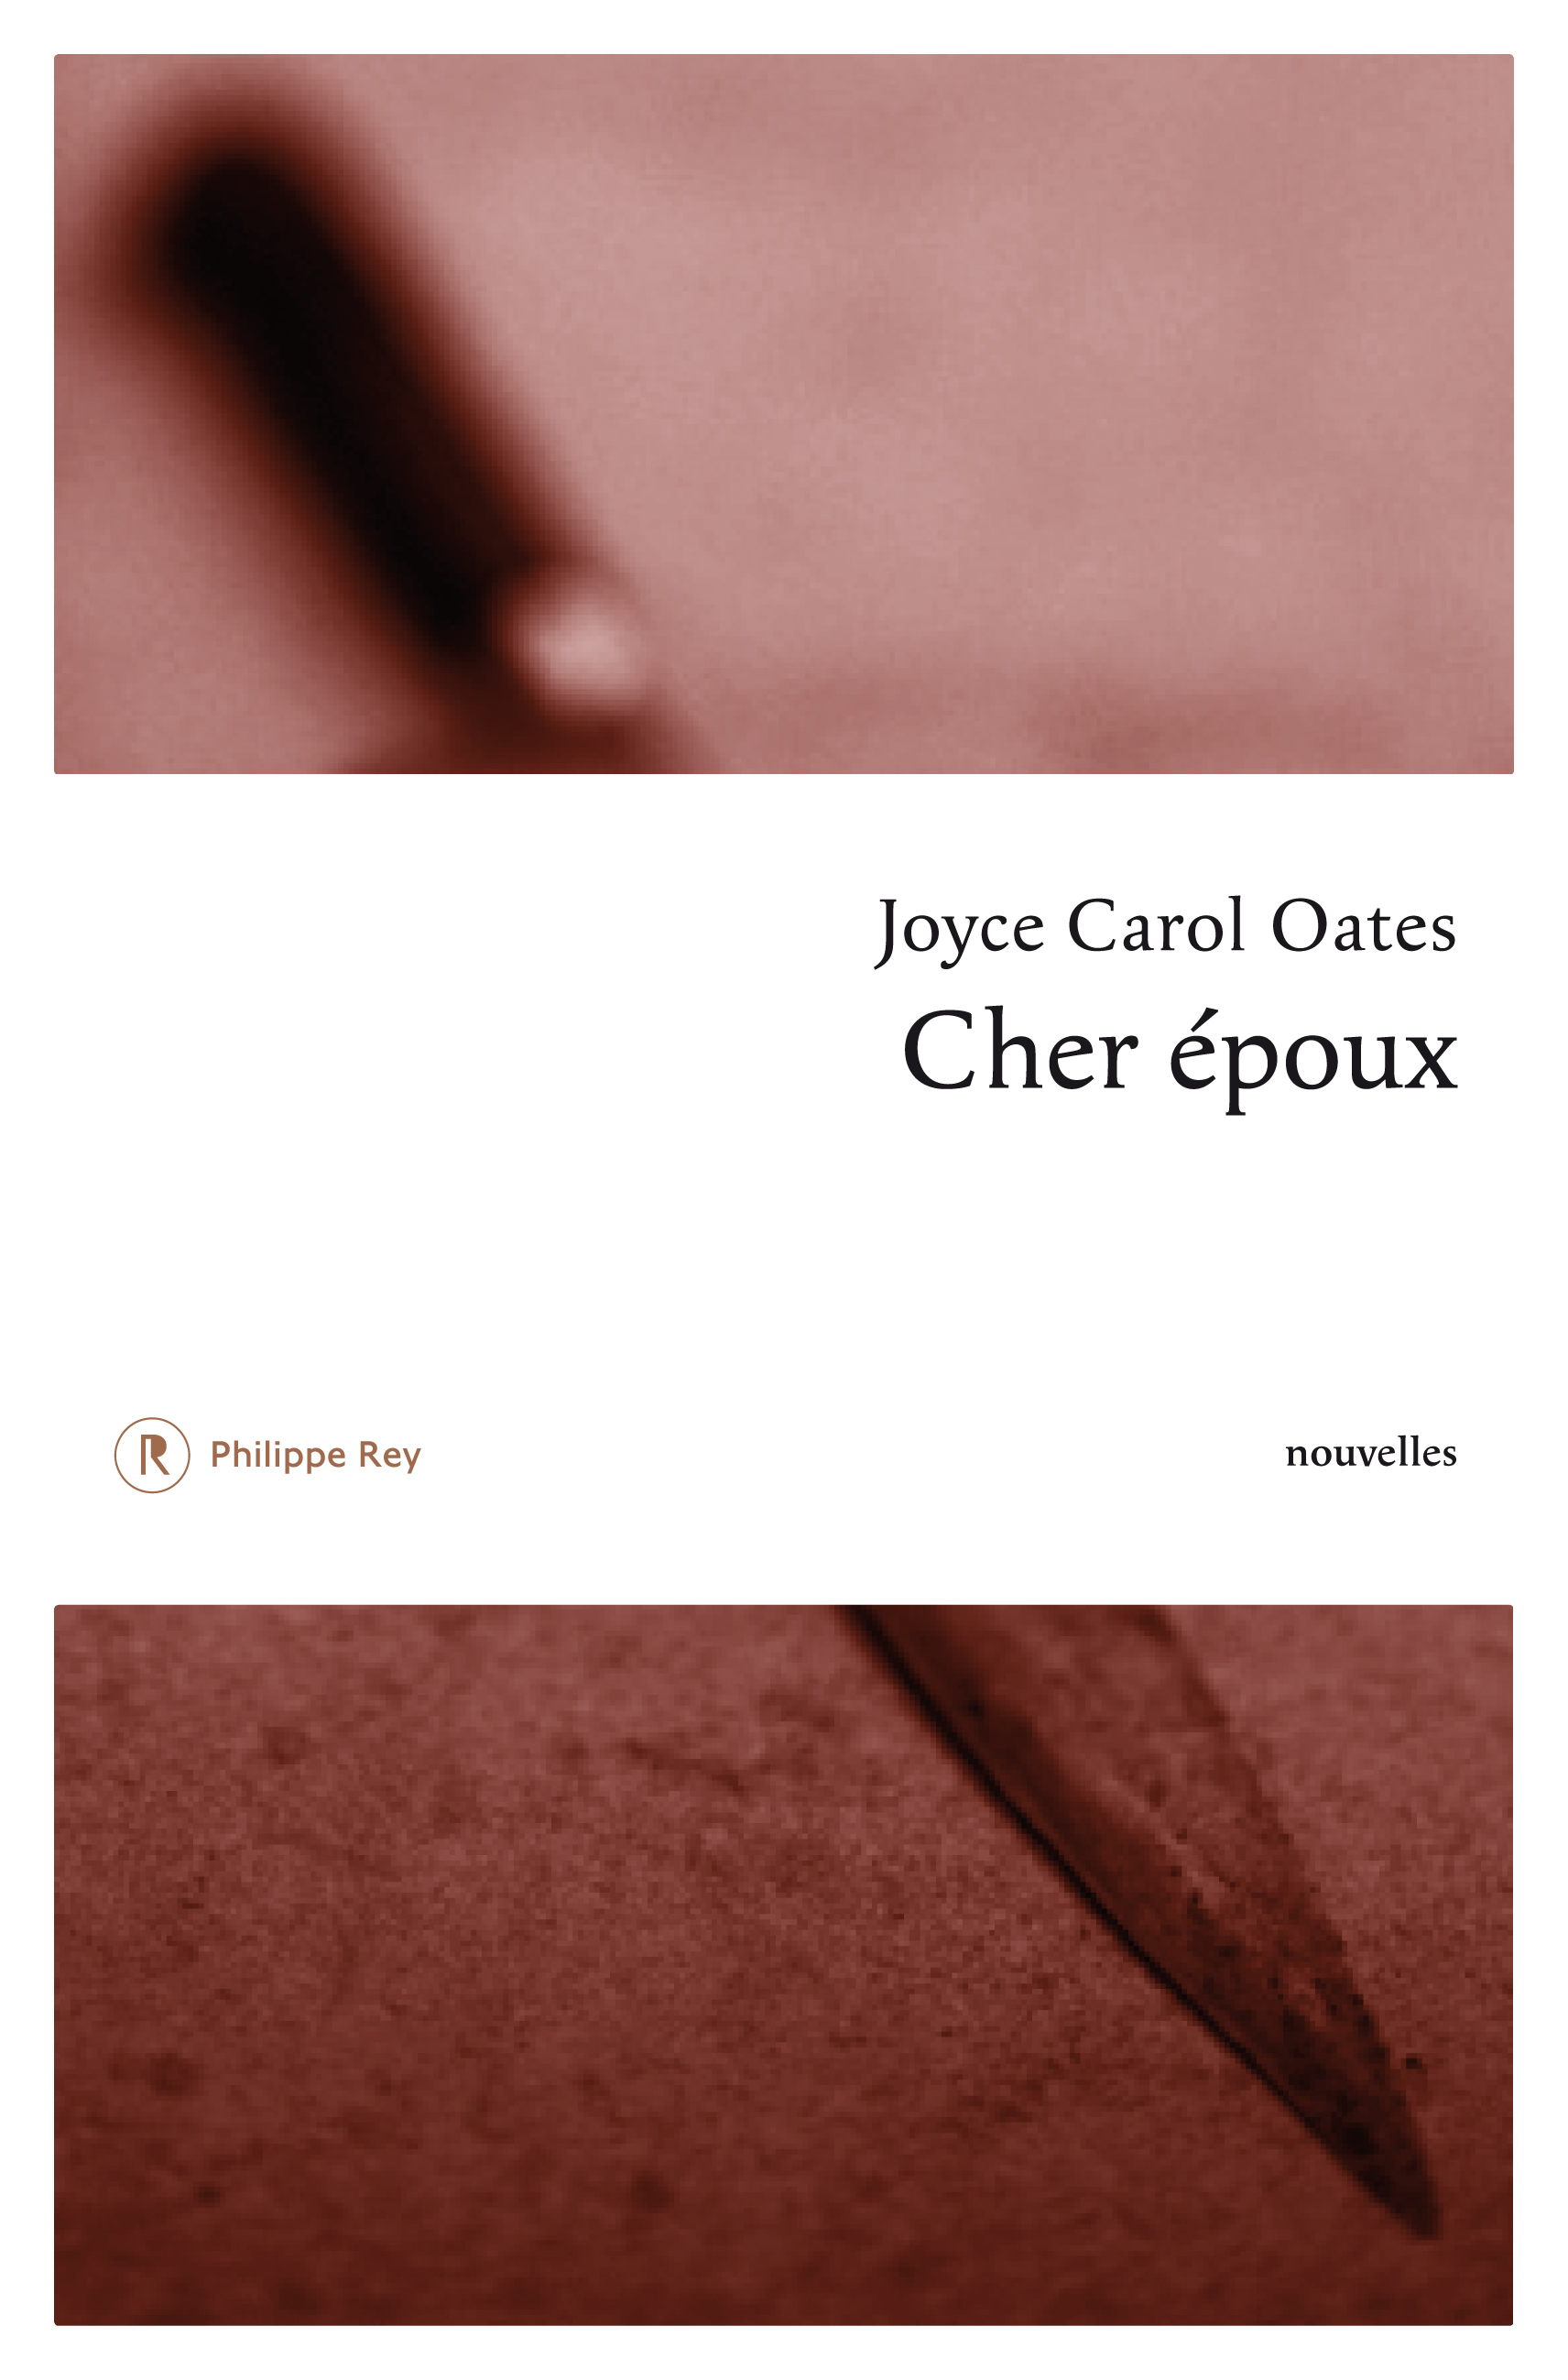 Joyce Carol Oates - Cher époux